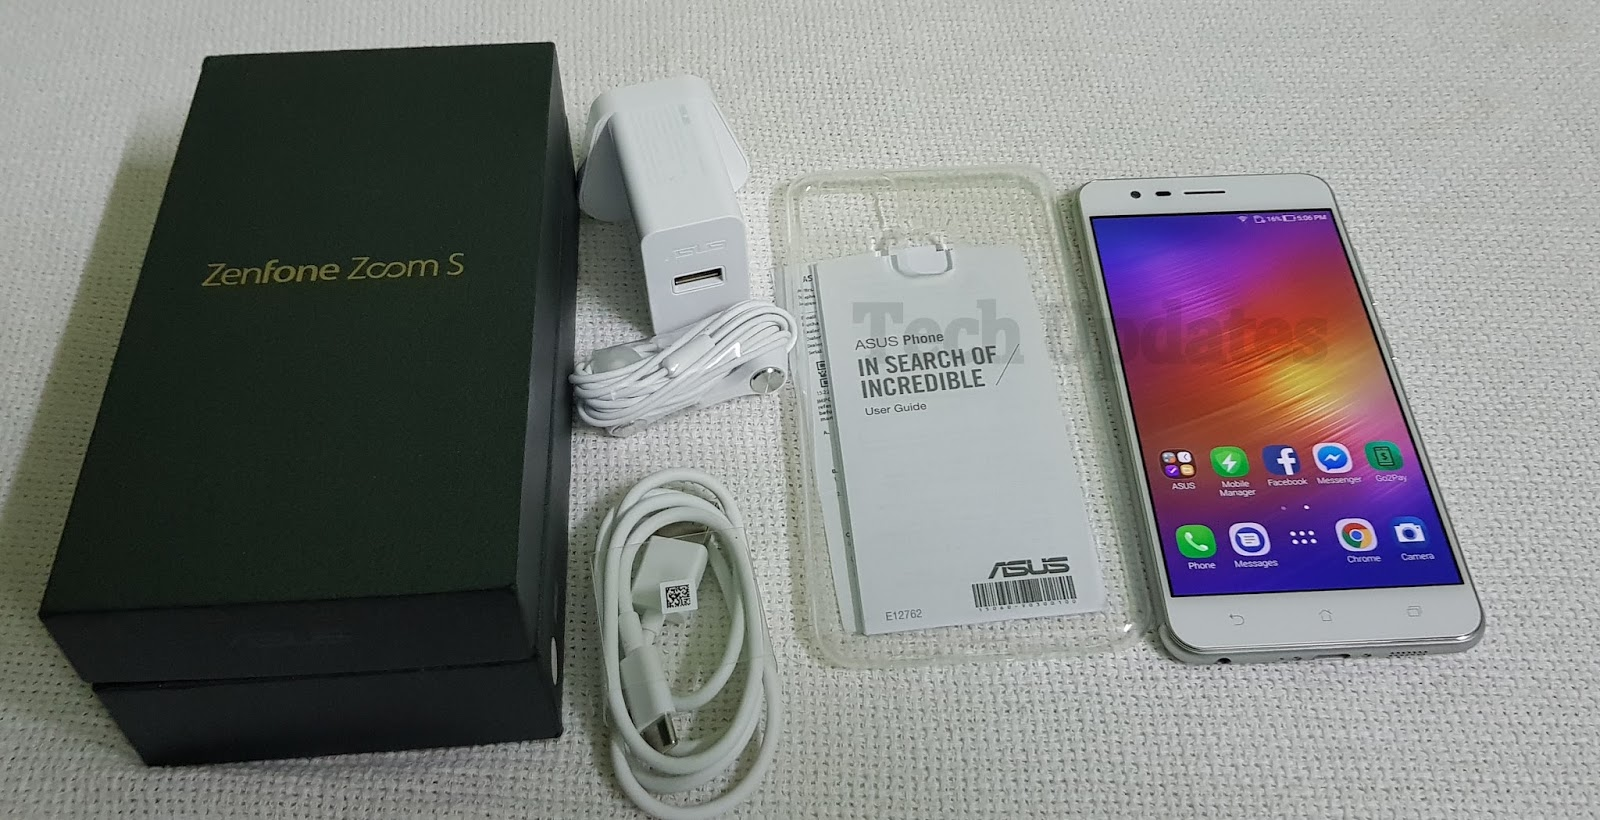 Asus Zenfone Zoom S Unboxing & Photo Gallery - Tech Updates